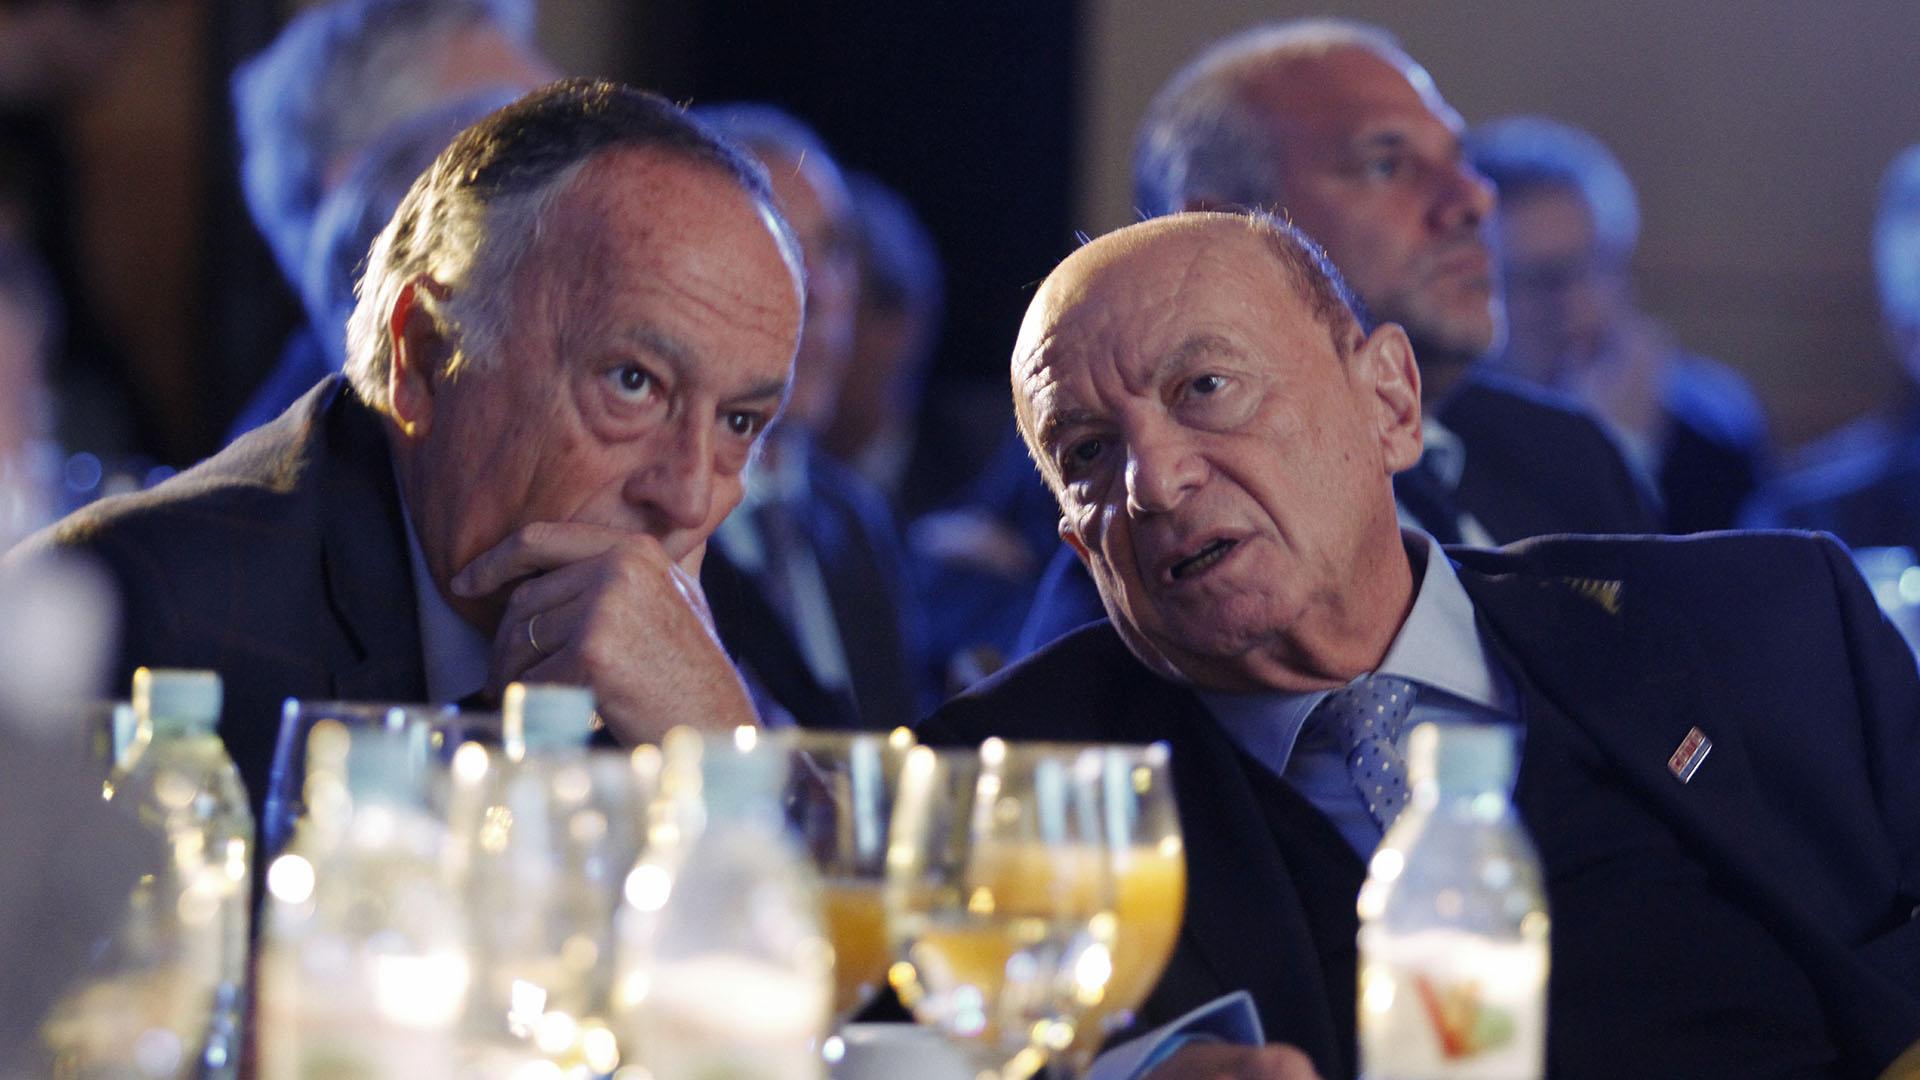 Miguel Acevedo, titular de la Unión Industrial Argentina (UIA), y Alfredo Coto, dueño de la cadena de supermercados